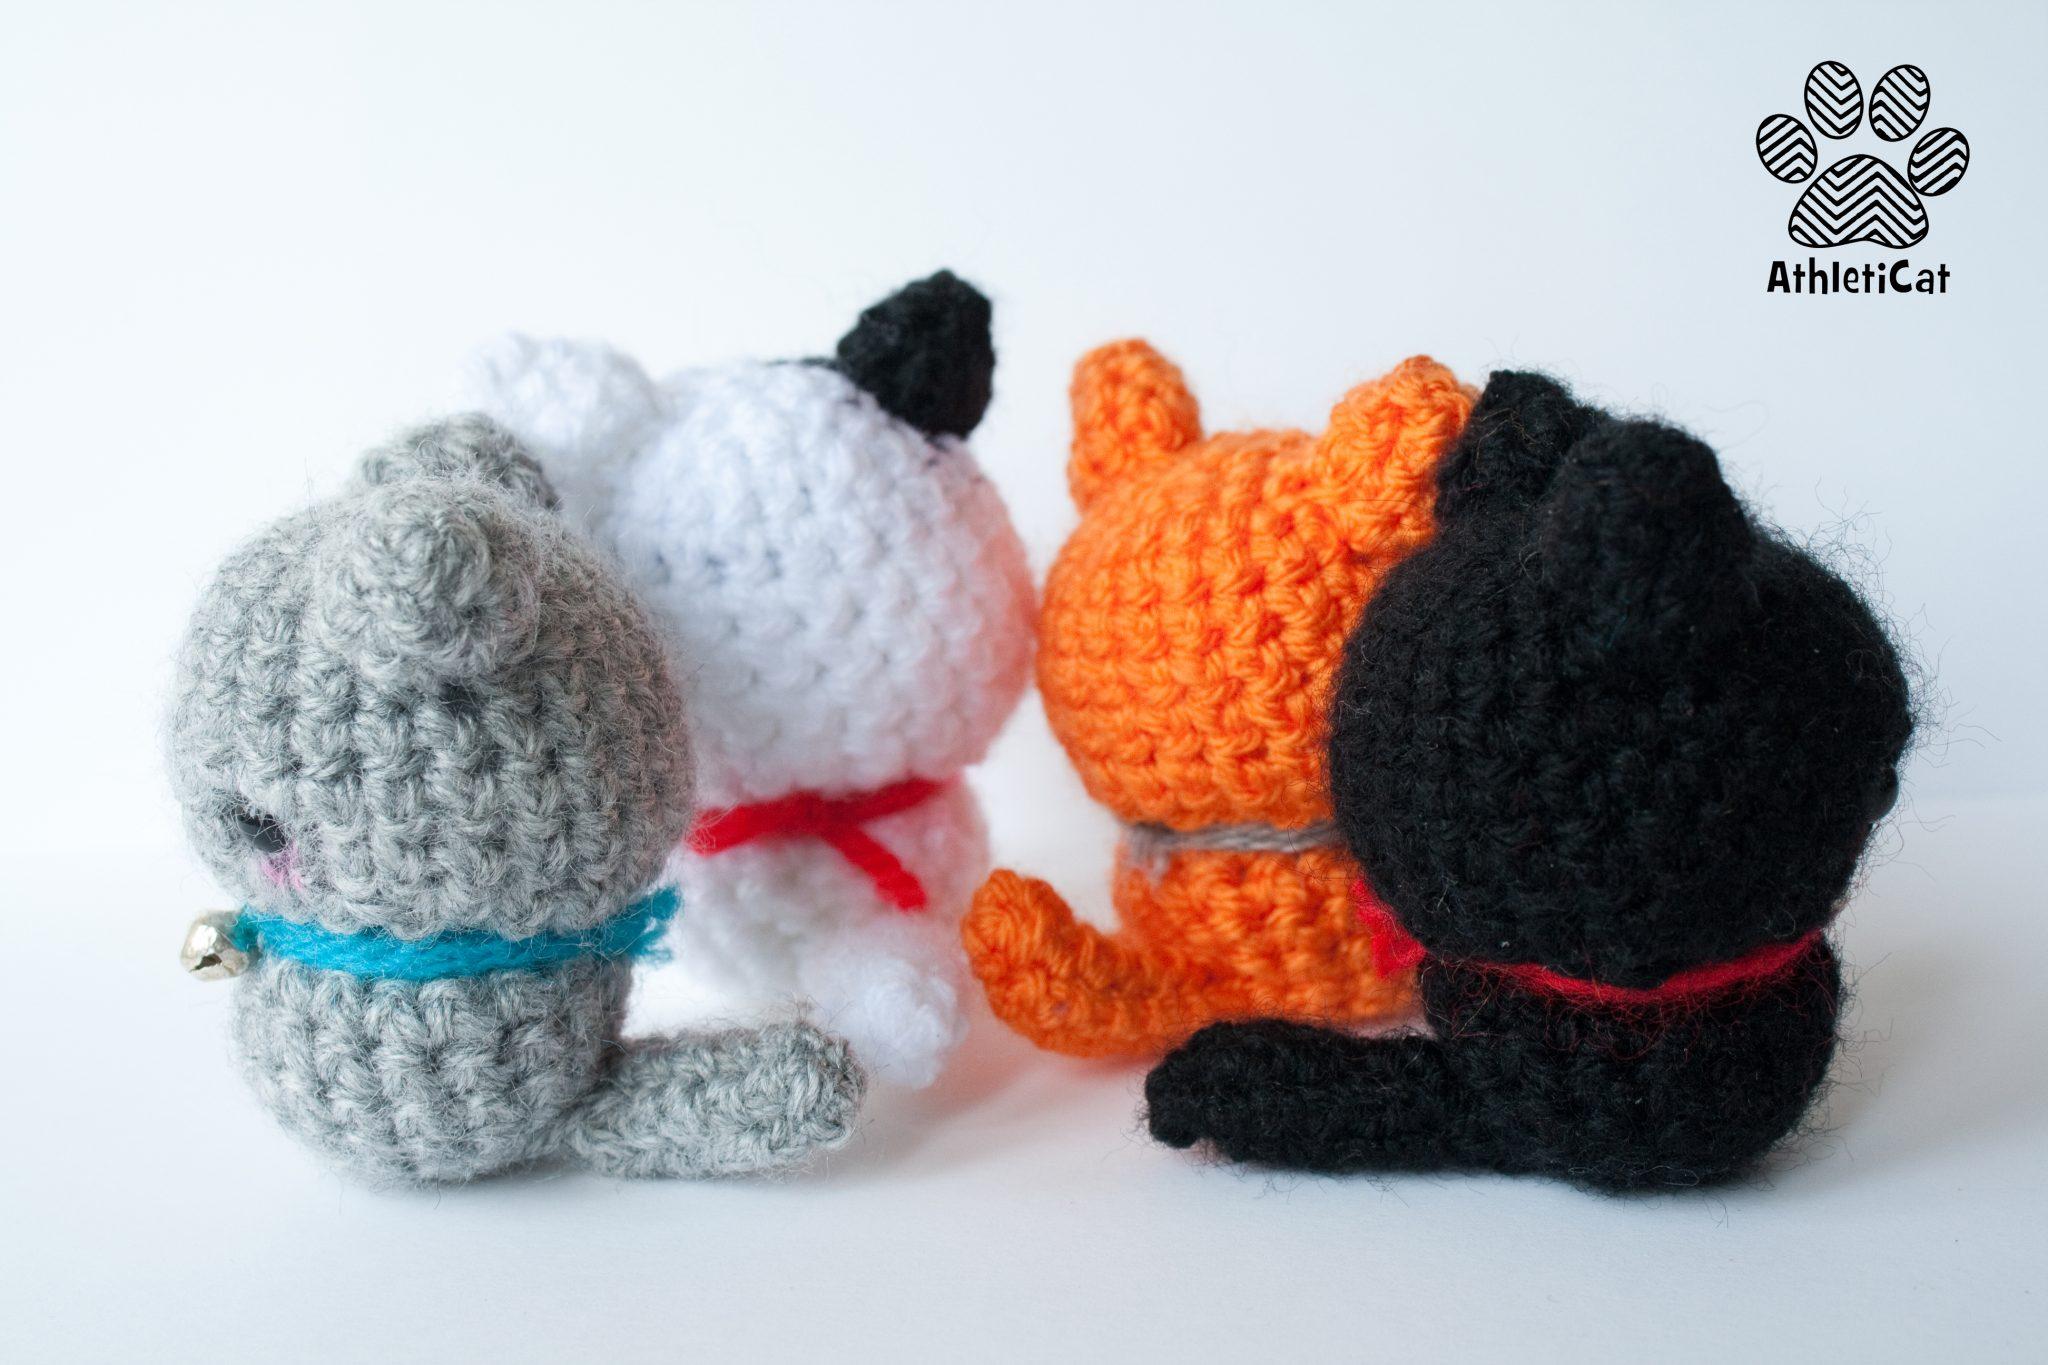 Amigurumi Manos : Amigurumi Cats - Made in Italy - Athleticat.it